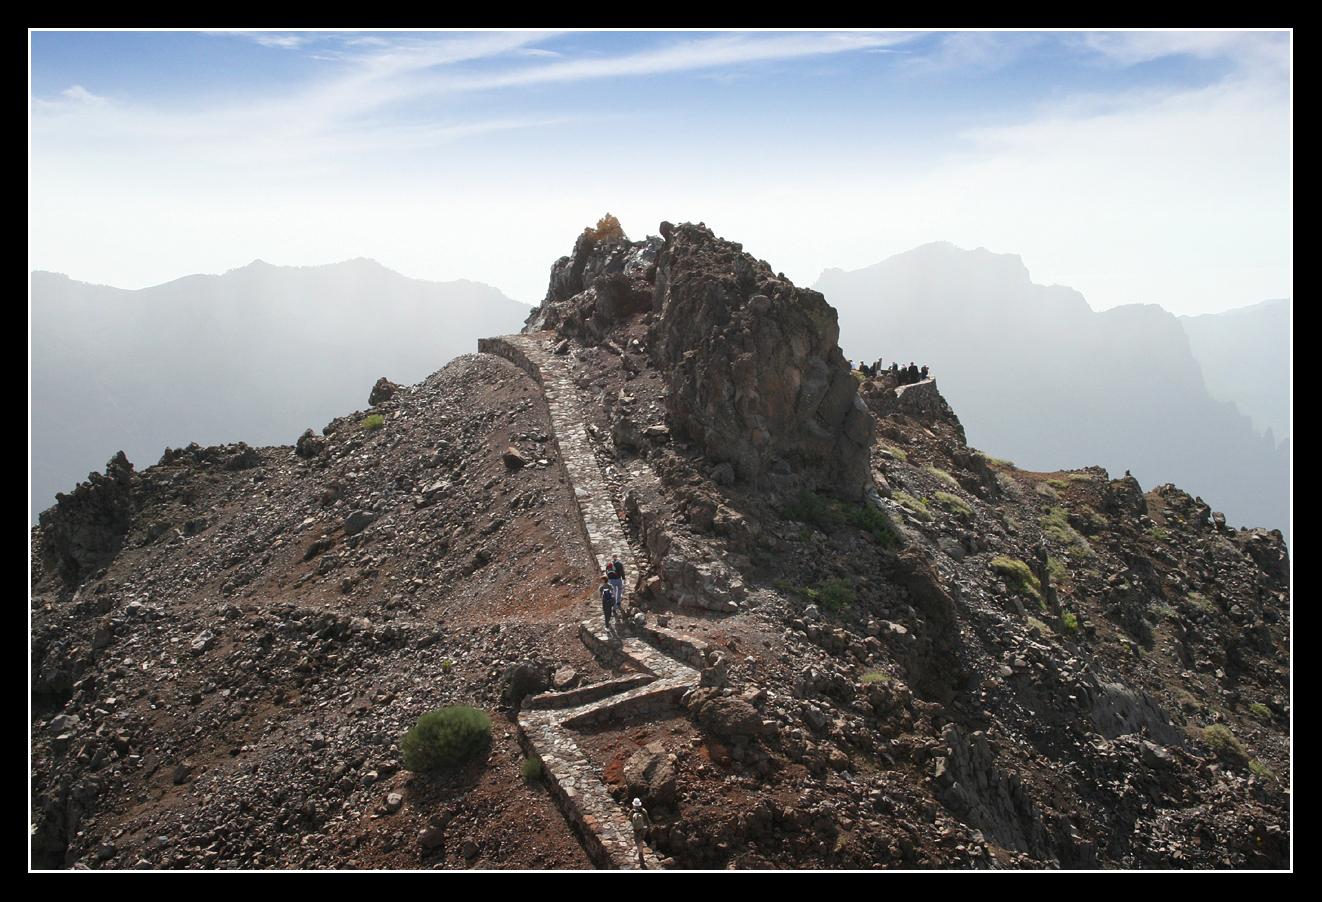 Caldera de Taburiente - La Palma 3